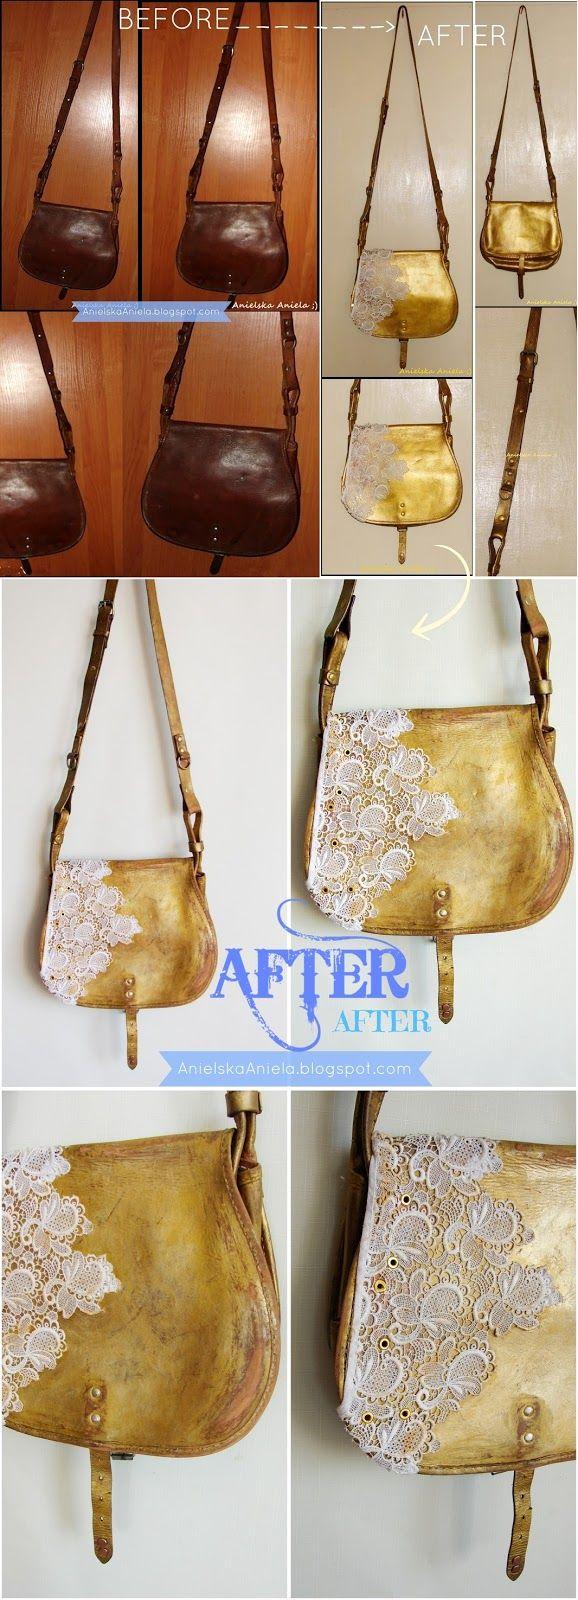 Diy tutorial refashion leather messenger bag Jak przerobić,odnowić i odświeżyć torebkę? Diy